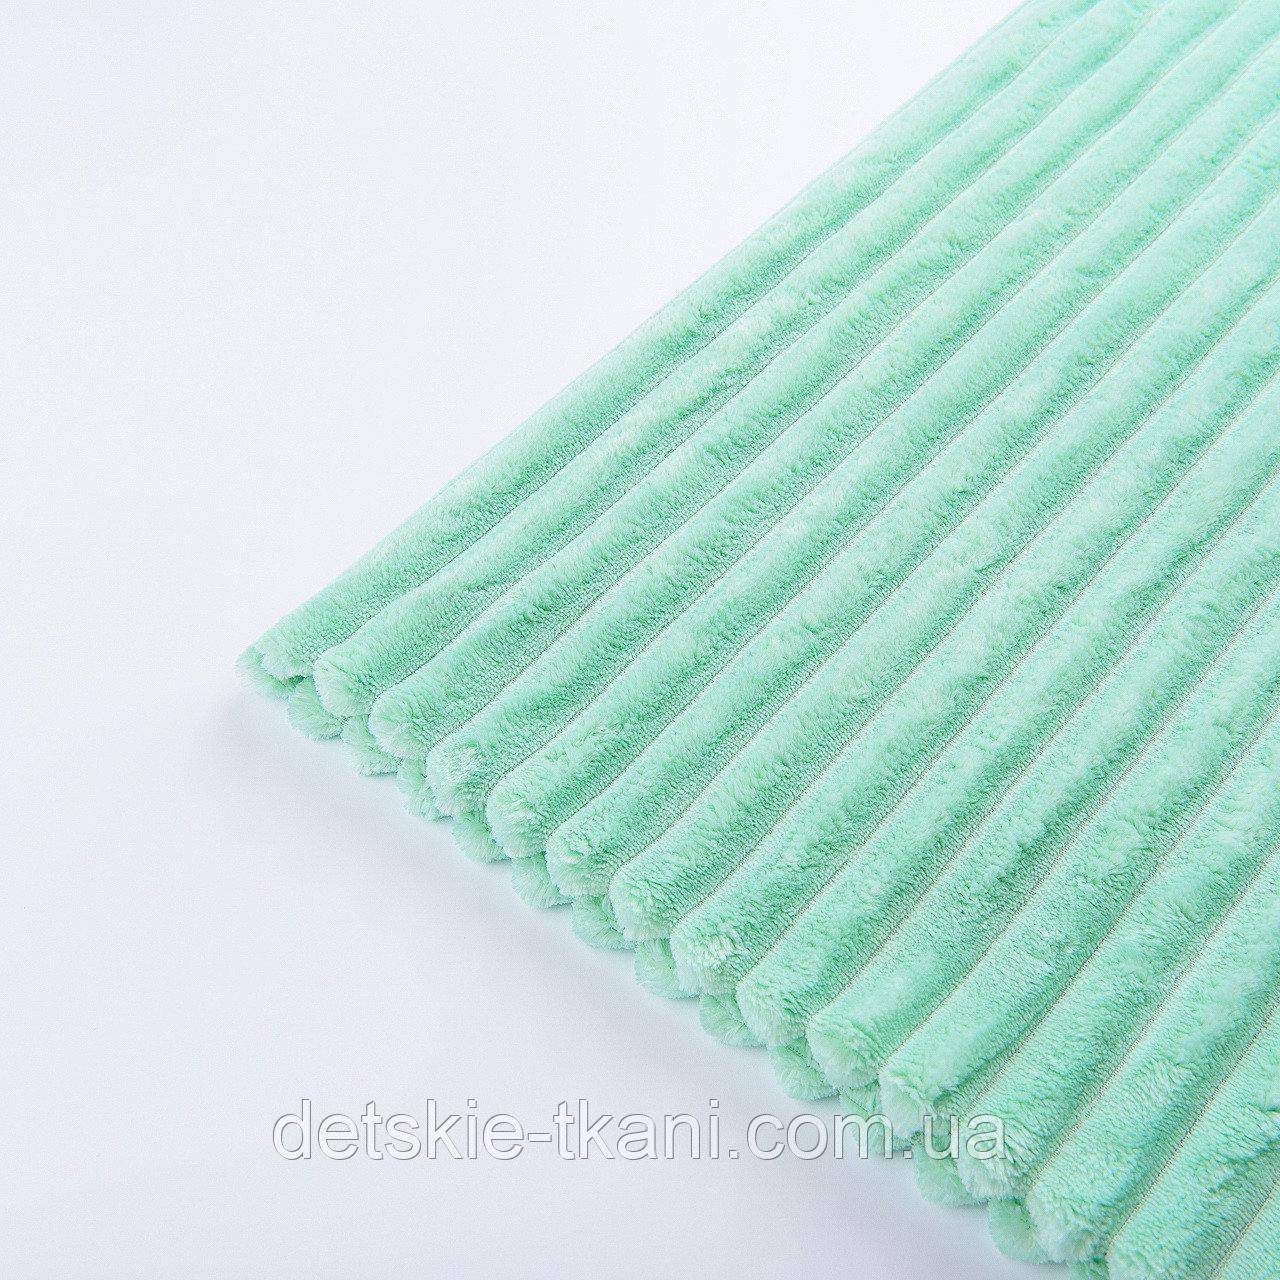 Два лоскута плюша в полоску Stripes классического мятного цвета 80*55, 25*45 см